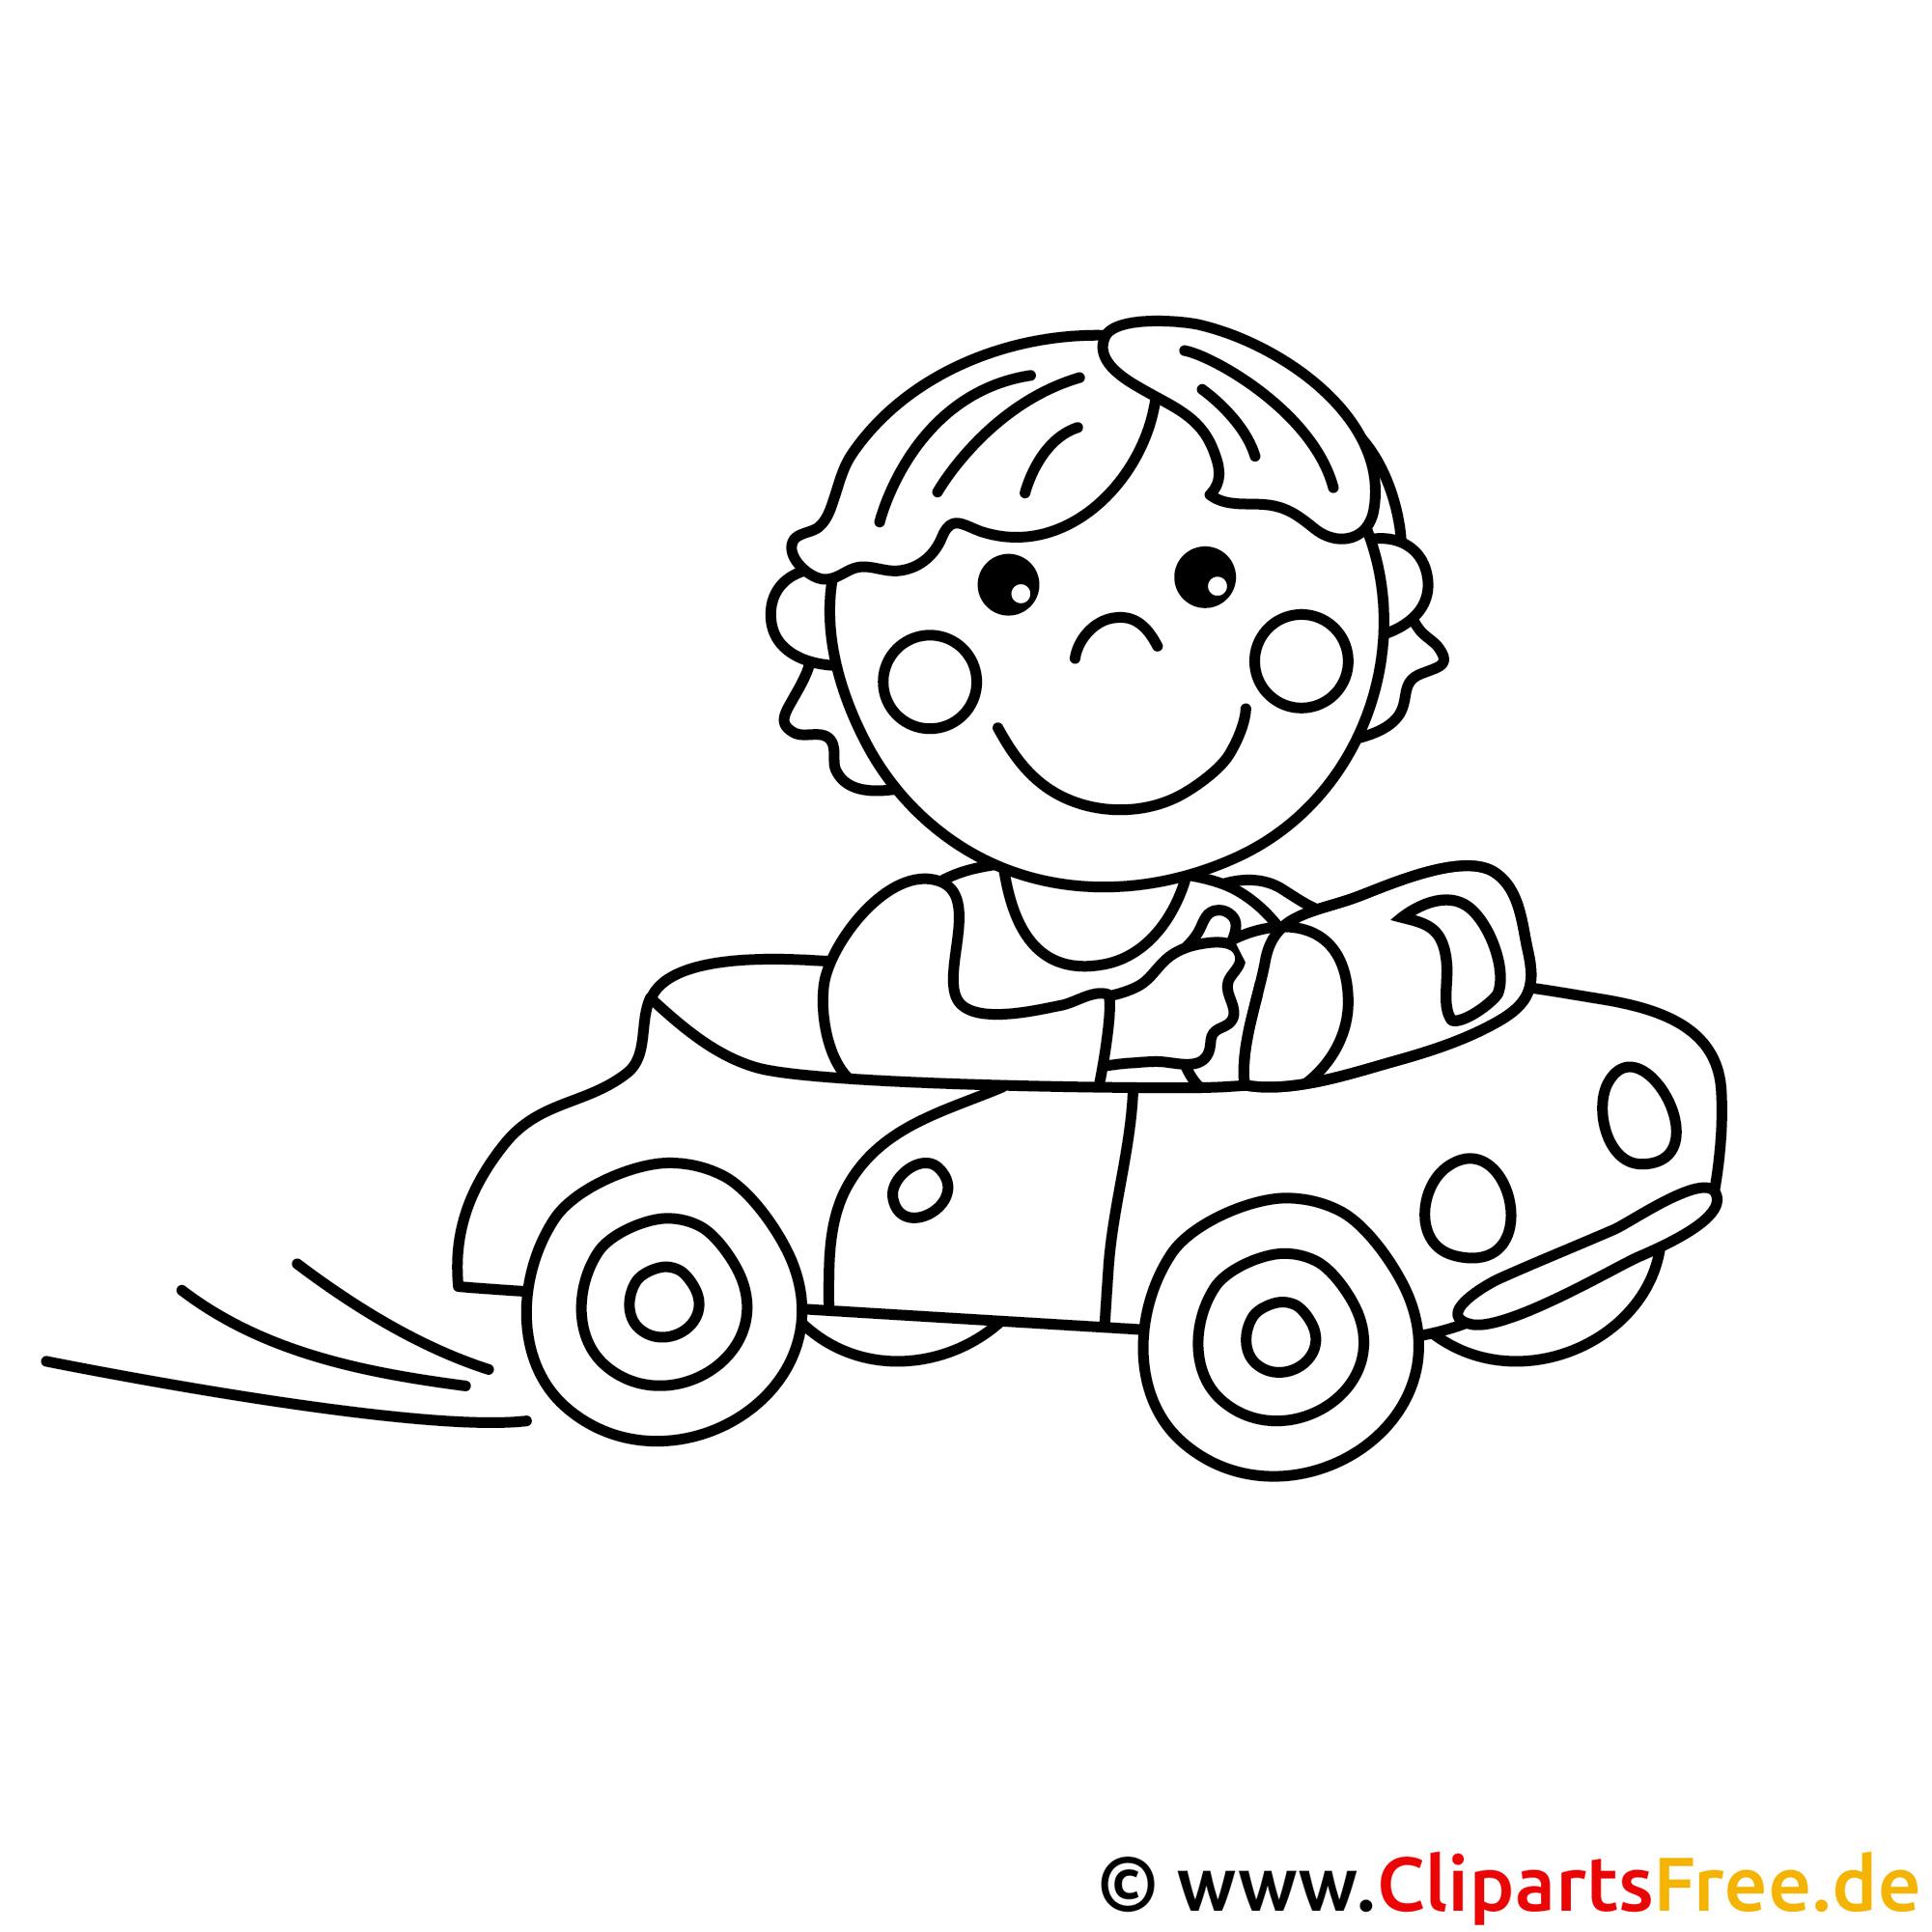 Autofahrer Bild zum Ausmalen, Malvorlage